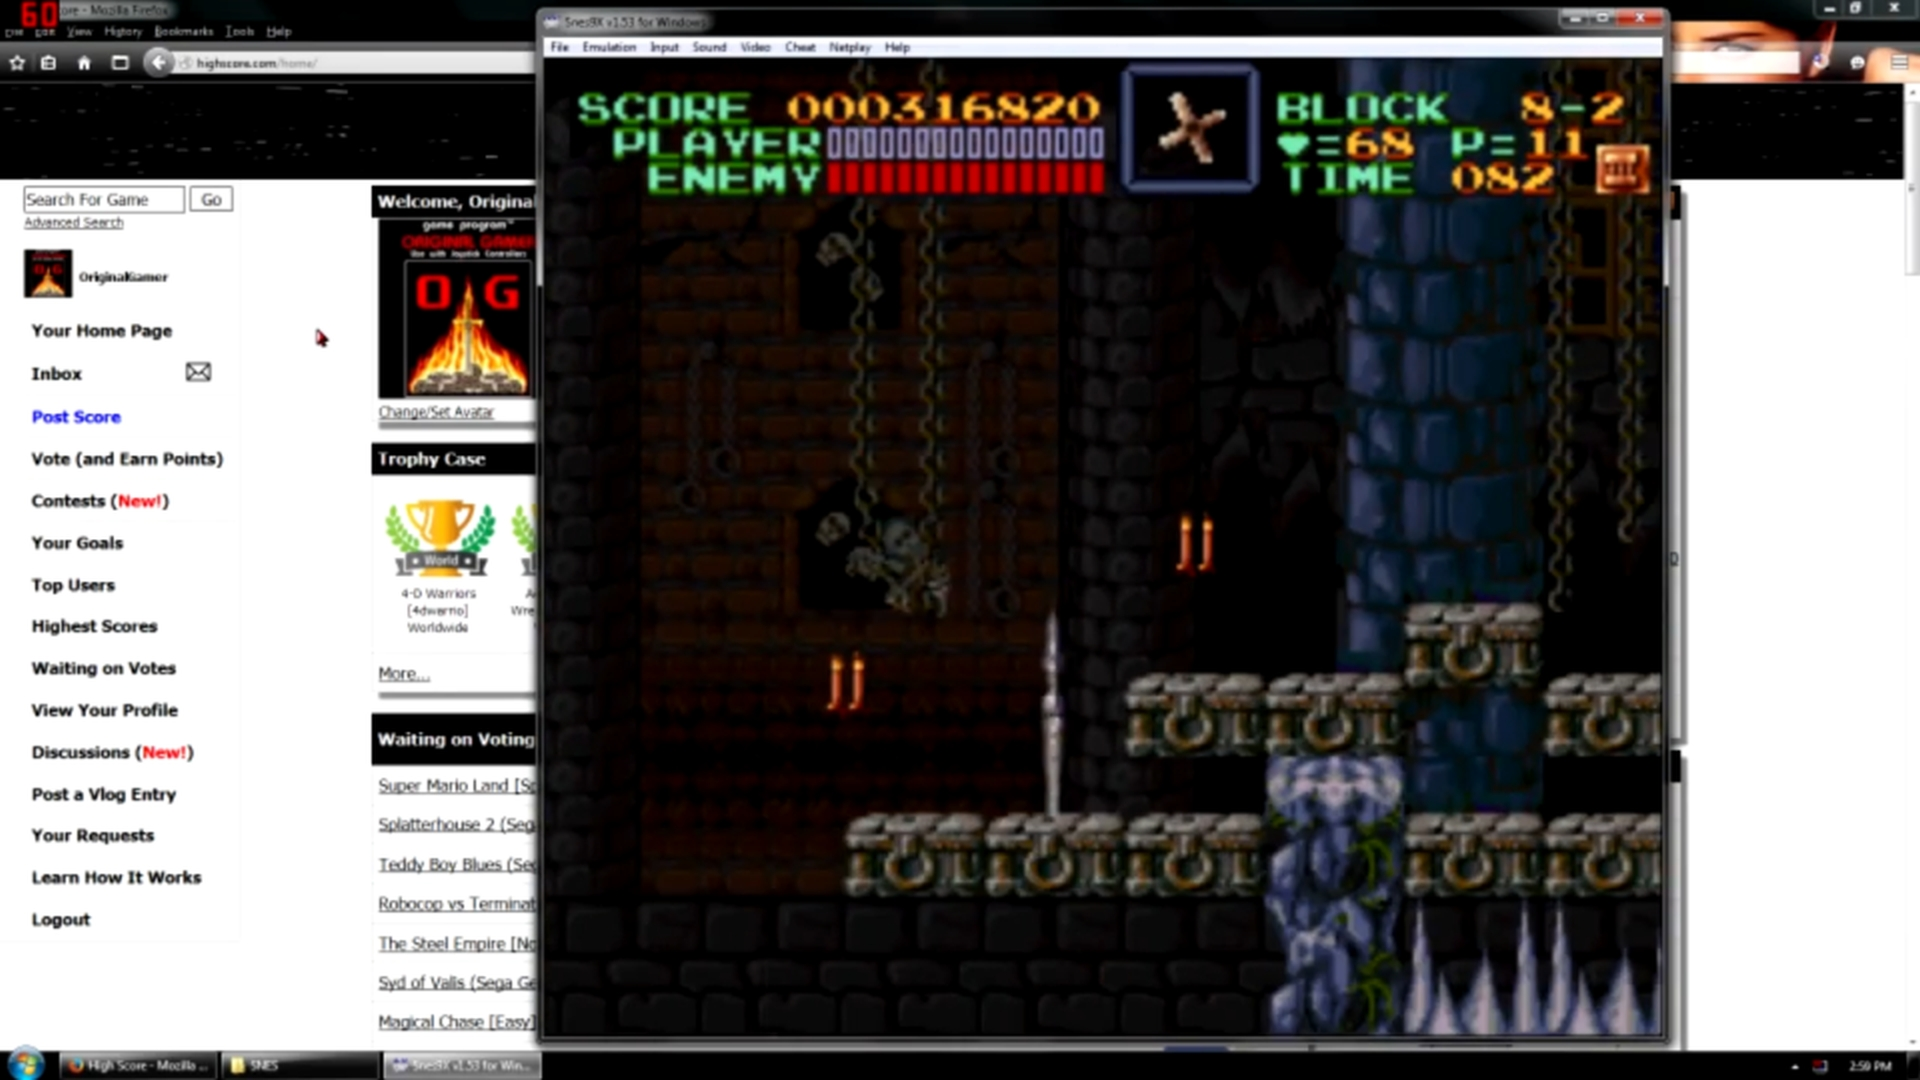 OriginalGamer: Super Castlevania IV [1 Life] (SNES/Super Famicom Emulated) 316,820 points on 2015-11-12 21:32:38